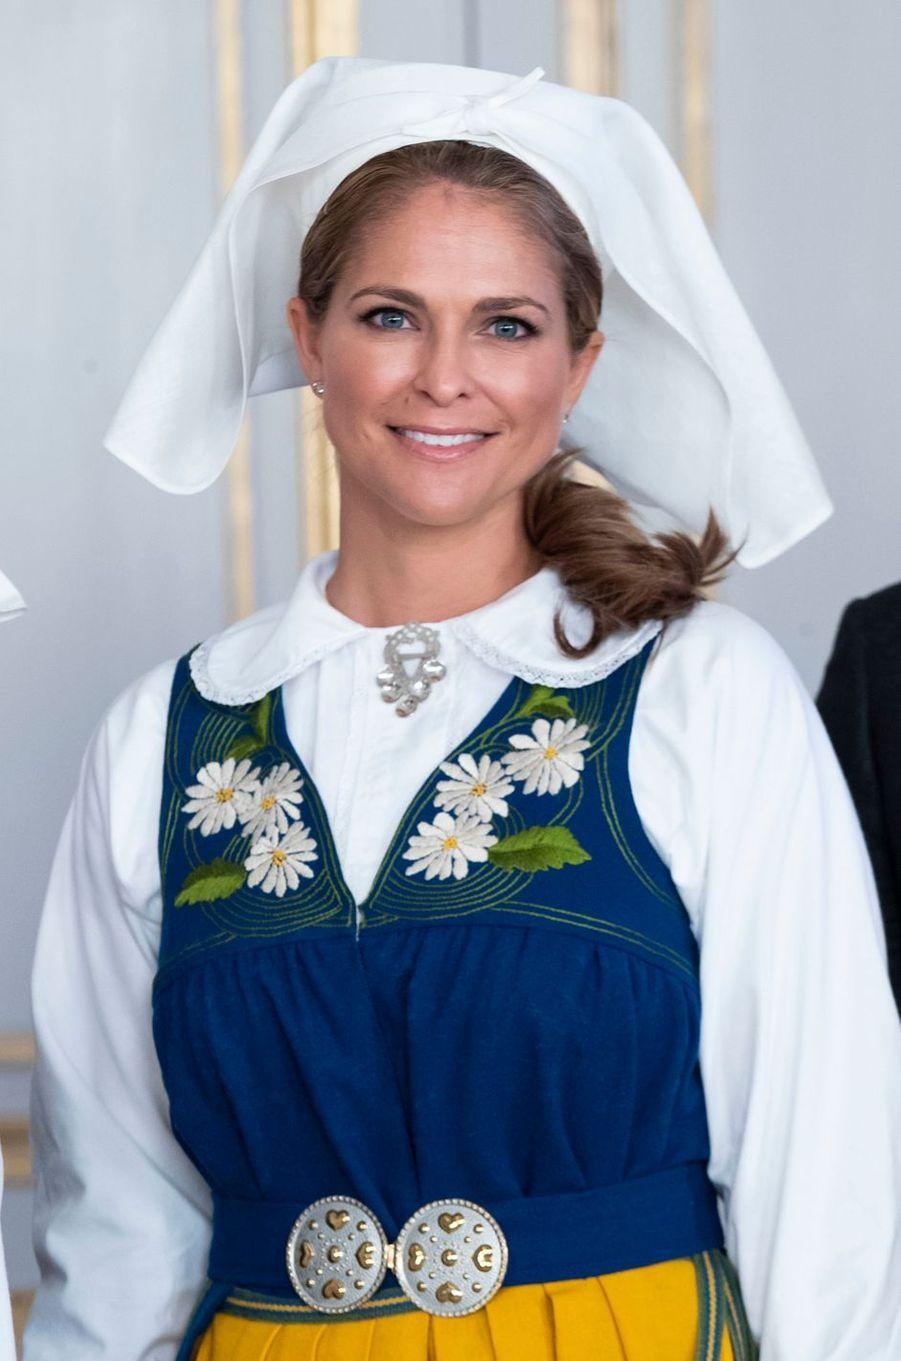 La princesse Madeleine de Suède à Stockholm, le 6 juin 2018